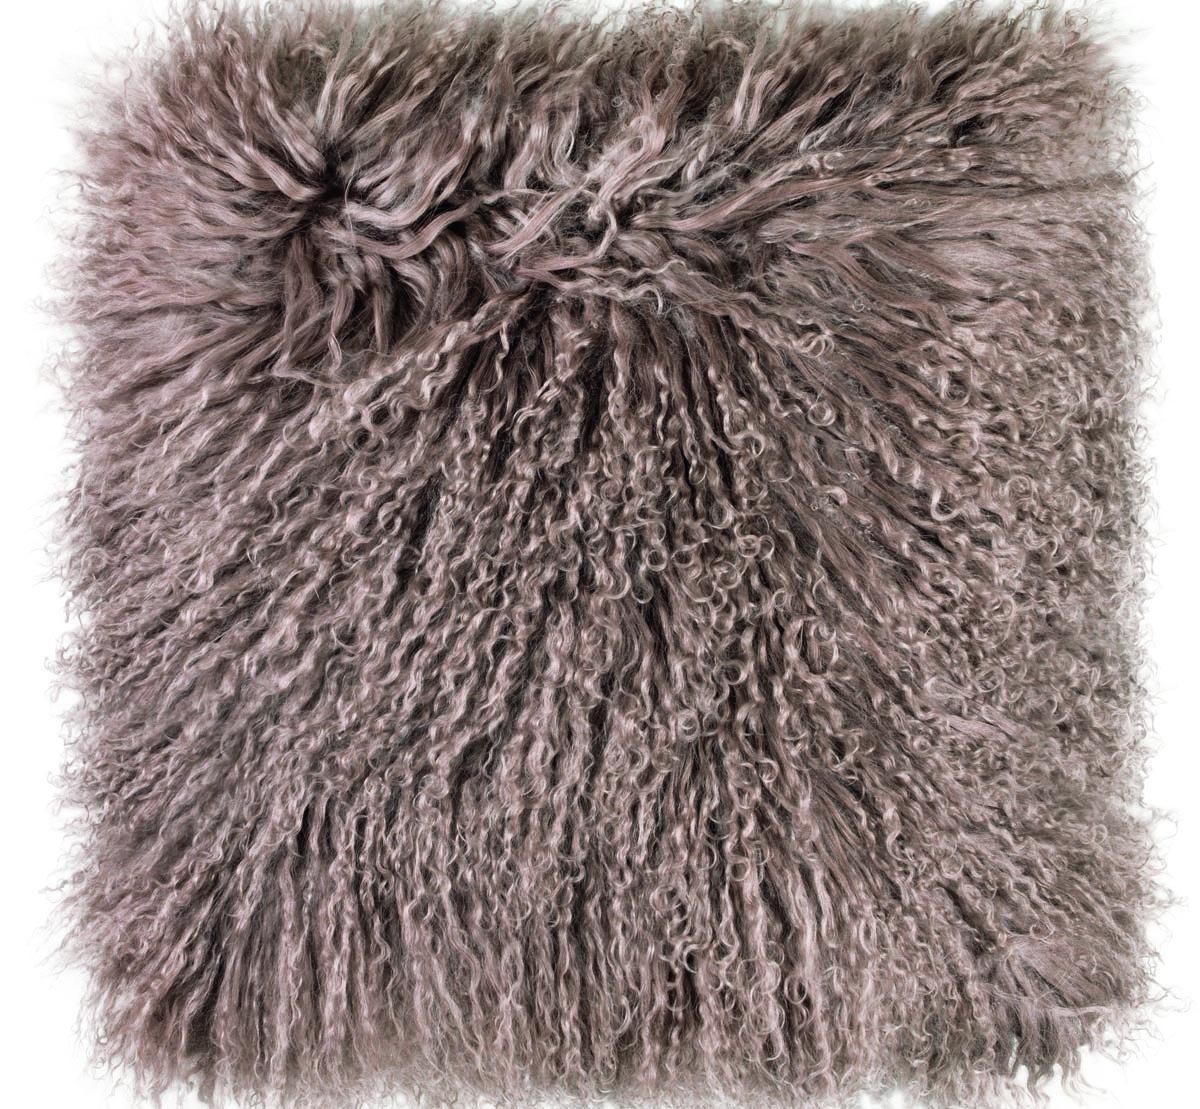 Подушка декоративная Togas Нордик, цвет: коричневый, 40 х 40 см20.03.10.0073Декоративная подушка Togas - это яркое украшение вашего дома.Изделие состоит из чехла и мягкого наполнителя, изготовленного из полиэфира. Стильная и яркая подушка эффектно украсит интерьер и добавит в привычную обстановку изысканность и роскошь.